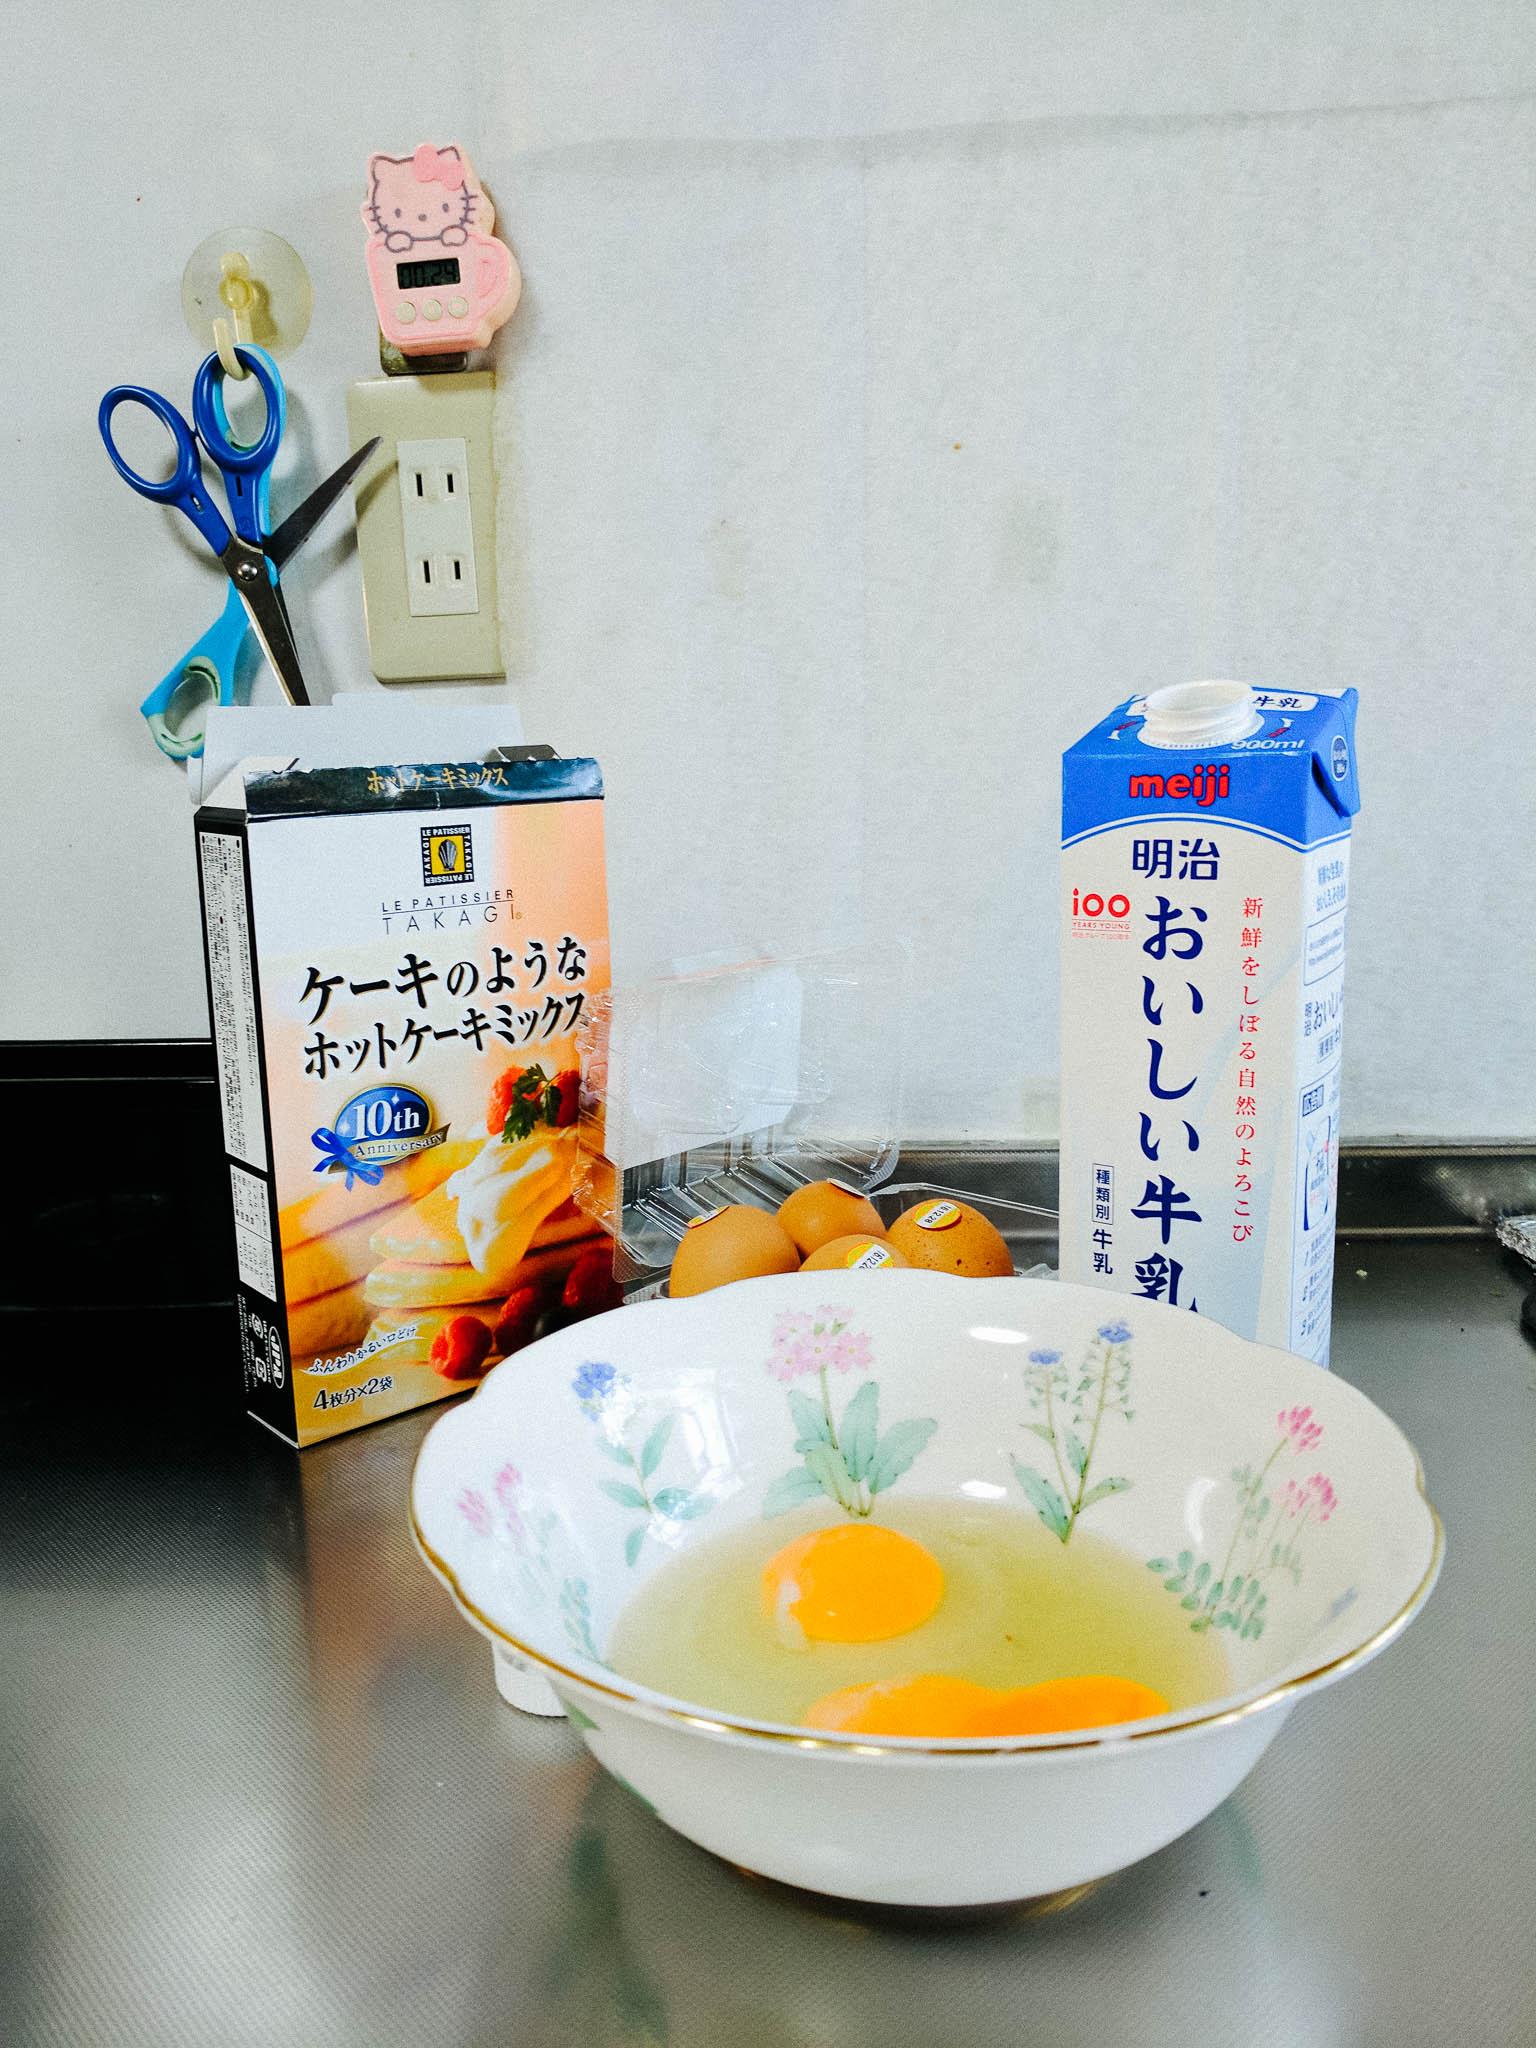 japanese-pancake-mix-milk-egg